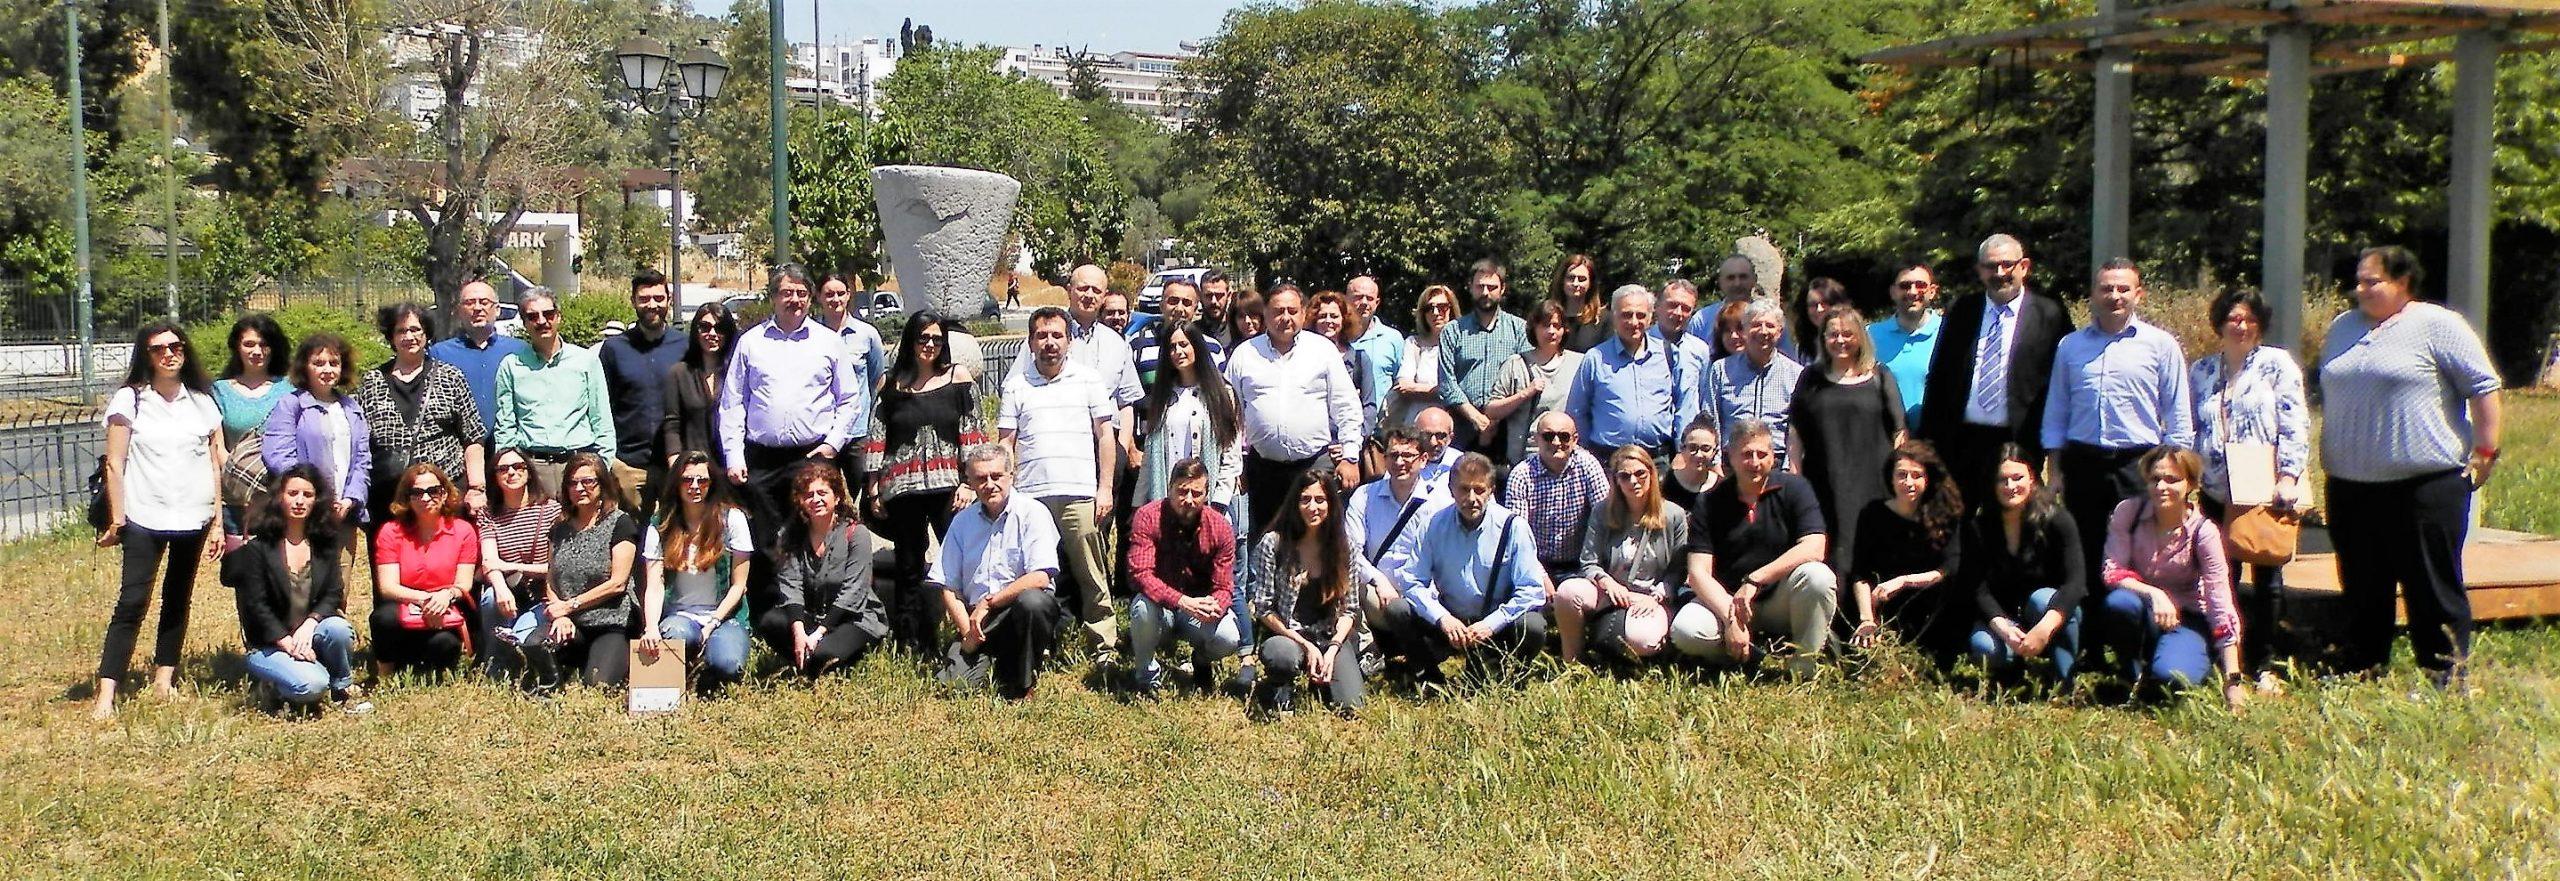 Επανάληψη του σεμιναρίου για την μετάβαση στην νέα έκδοση του ΕΝ ISO 17025: 2017 οργανωμένο από την HellasLab